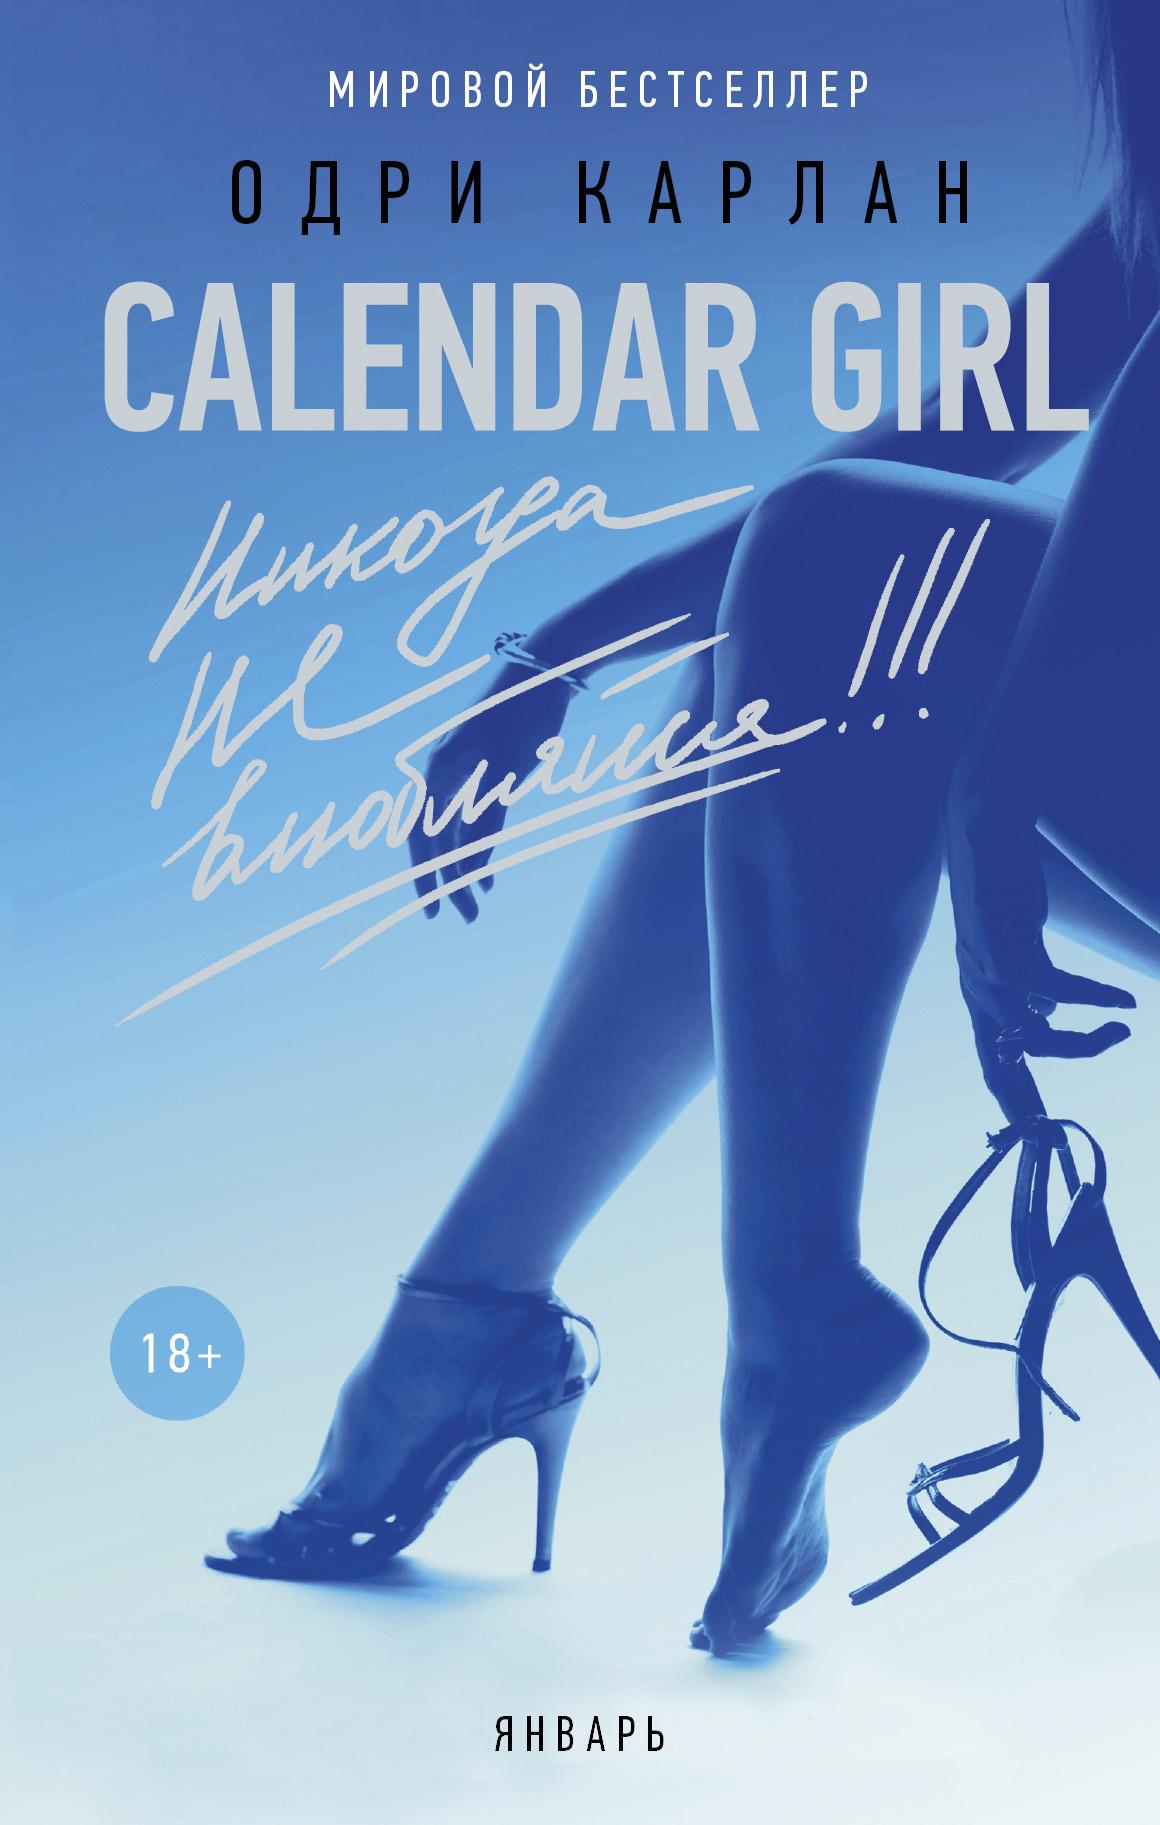 Одри Карлан Calendar Girl. Никогда не влюбляйся! Январь карлан о calendar girl никогда не влюбляйся